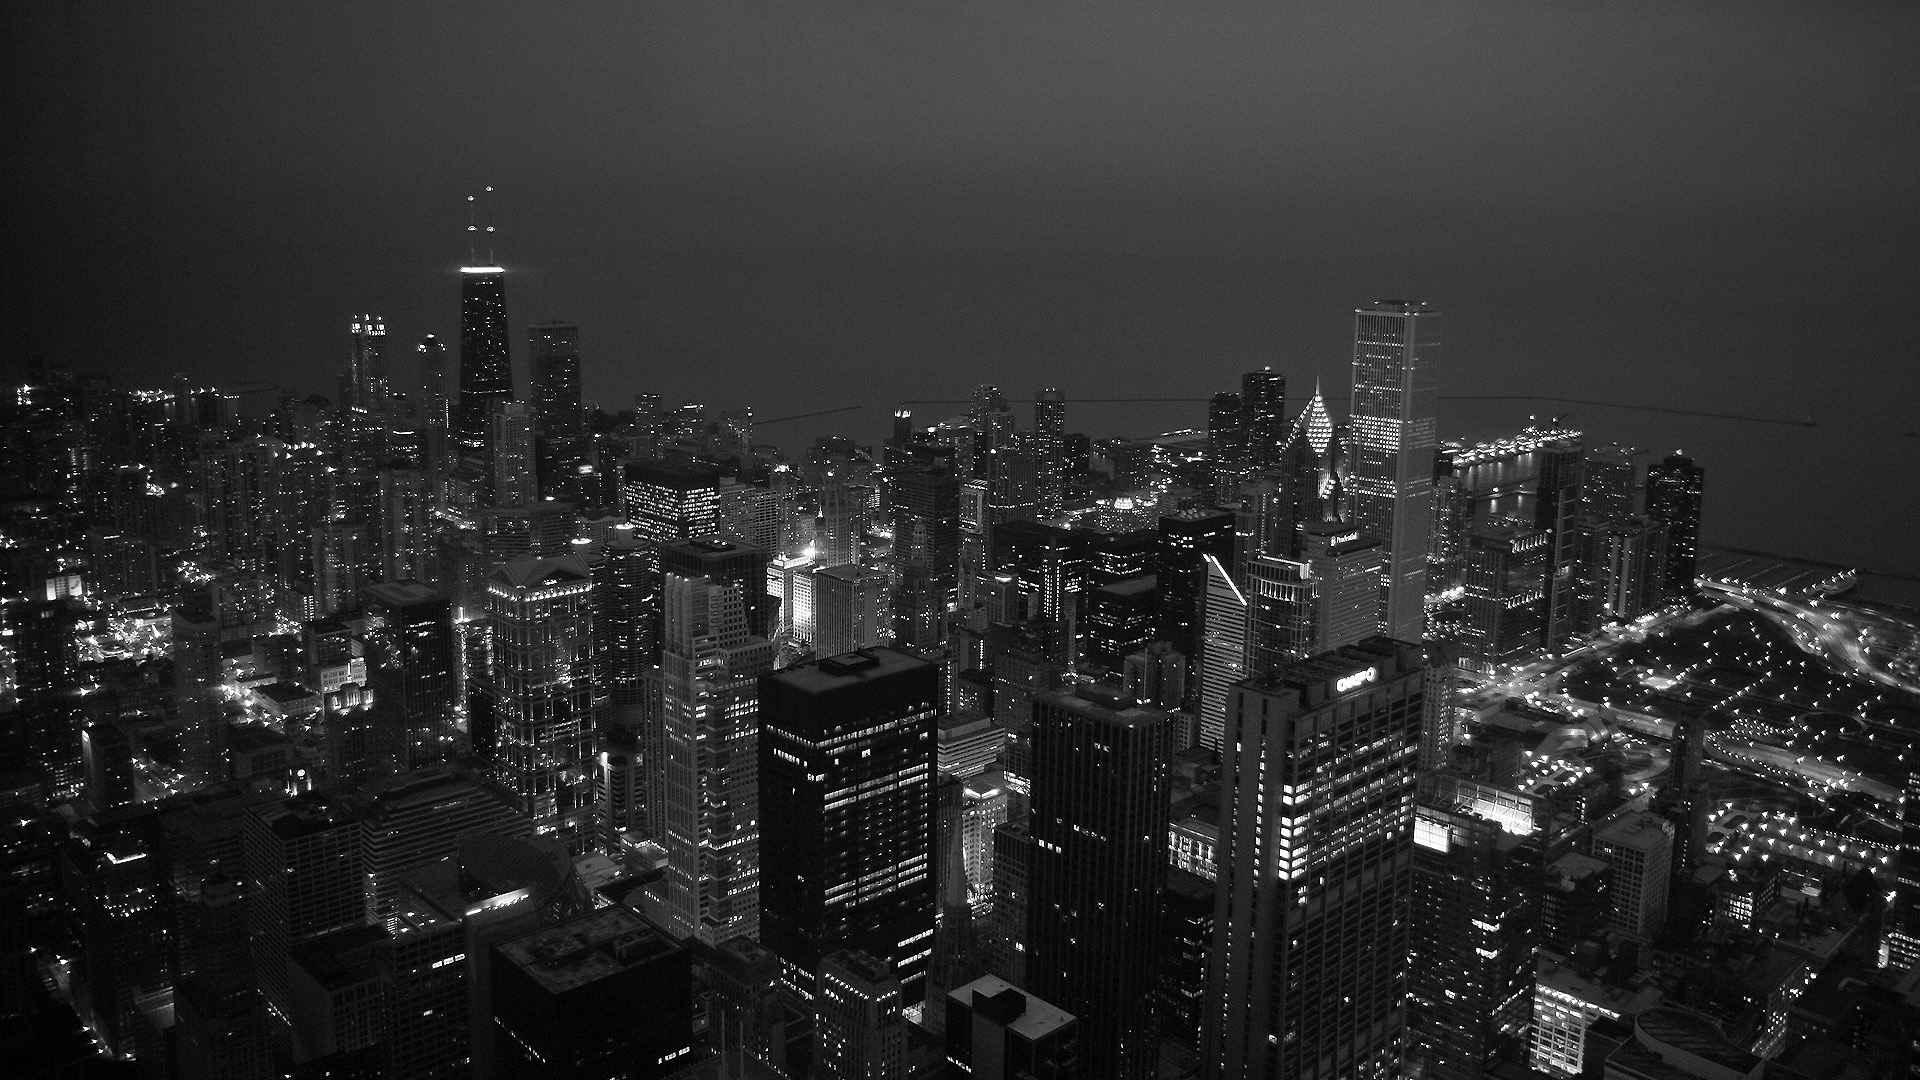 Скачать картинку Ночь, Пейзаж, Города в телефон бесплатно.